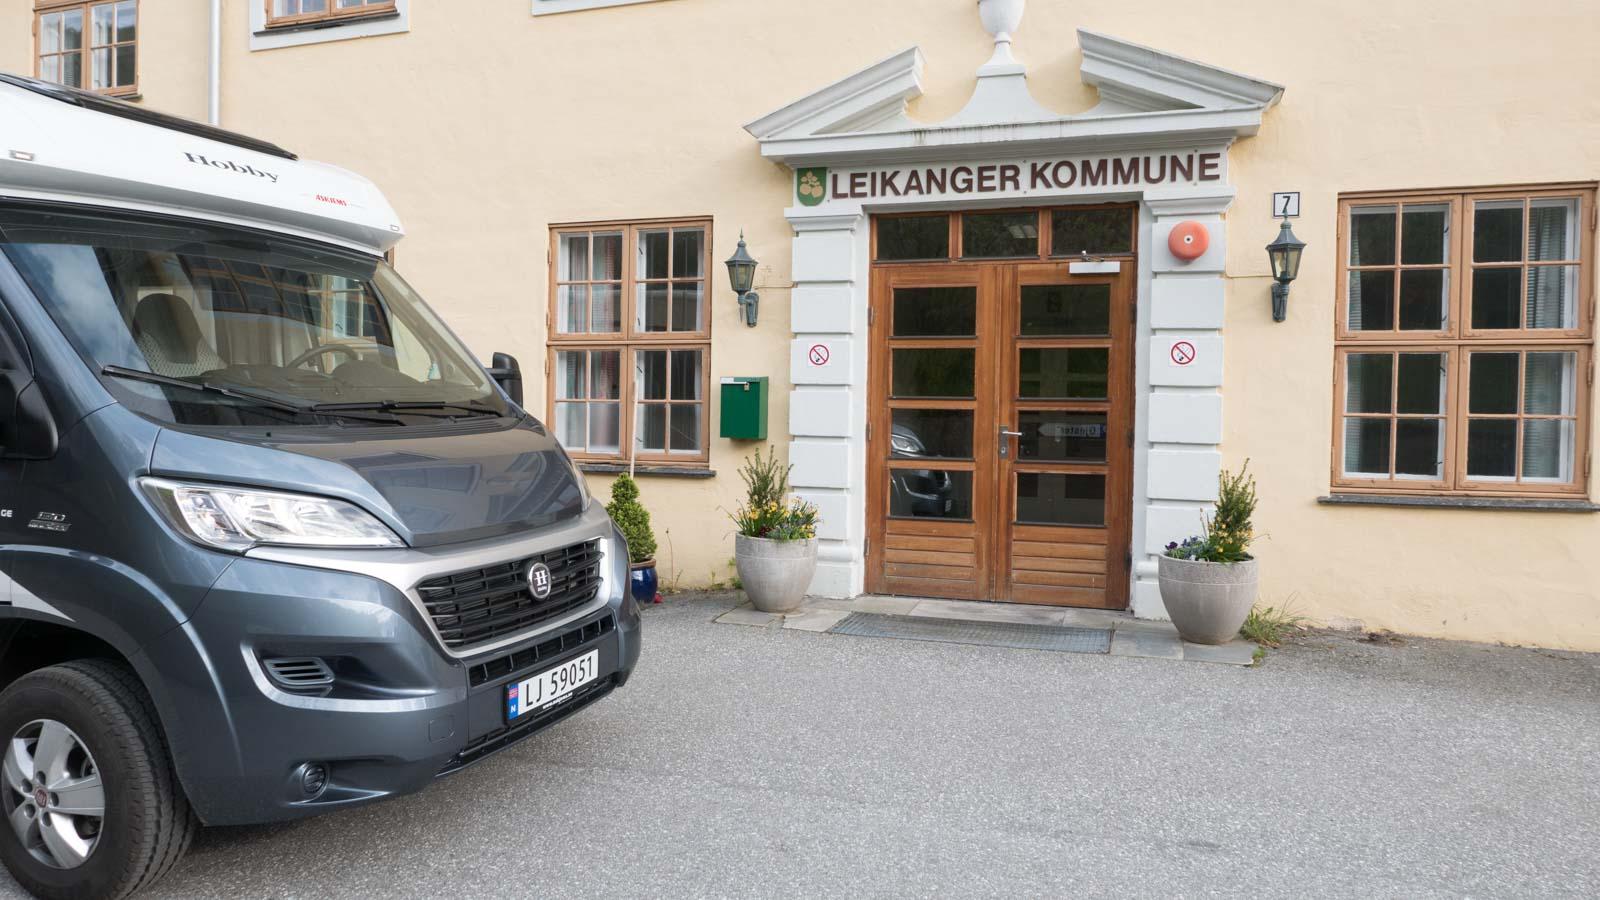 Leikanger Kommune